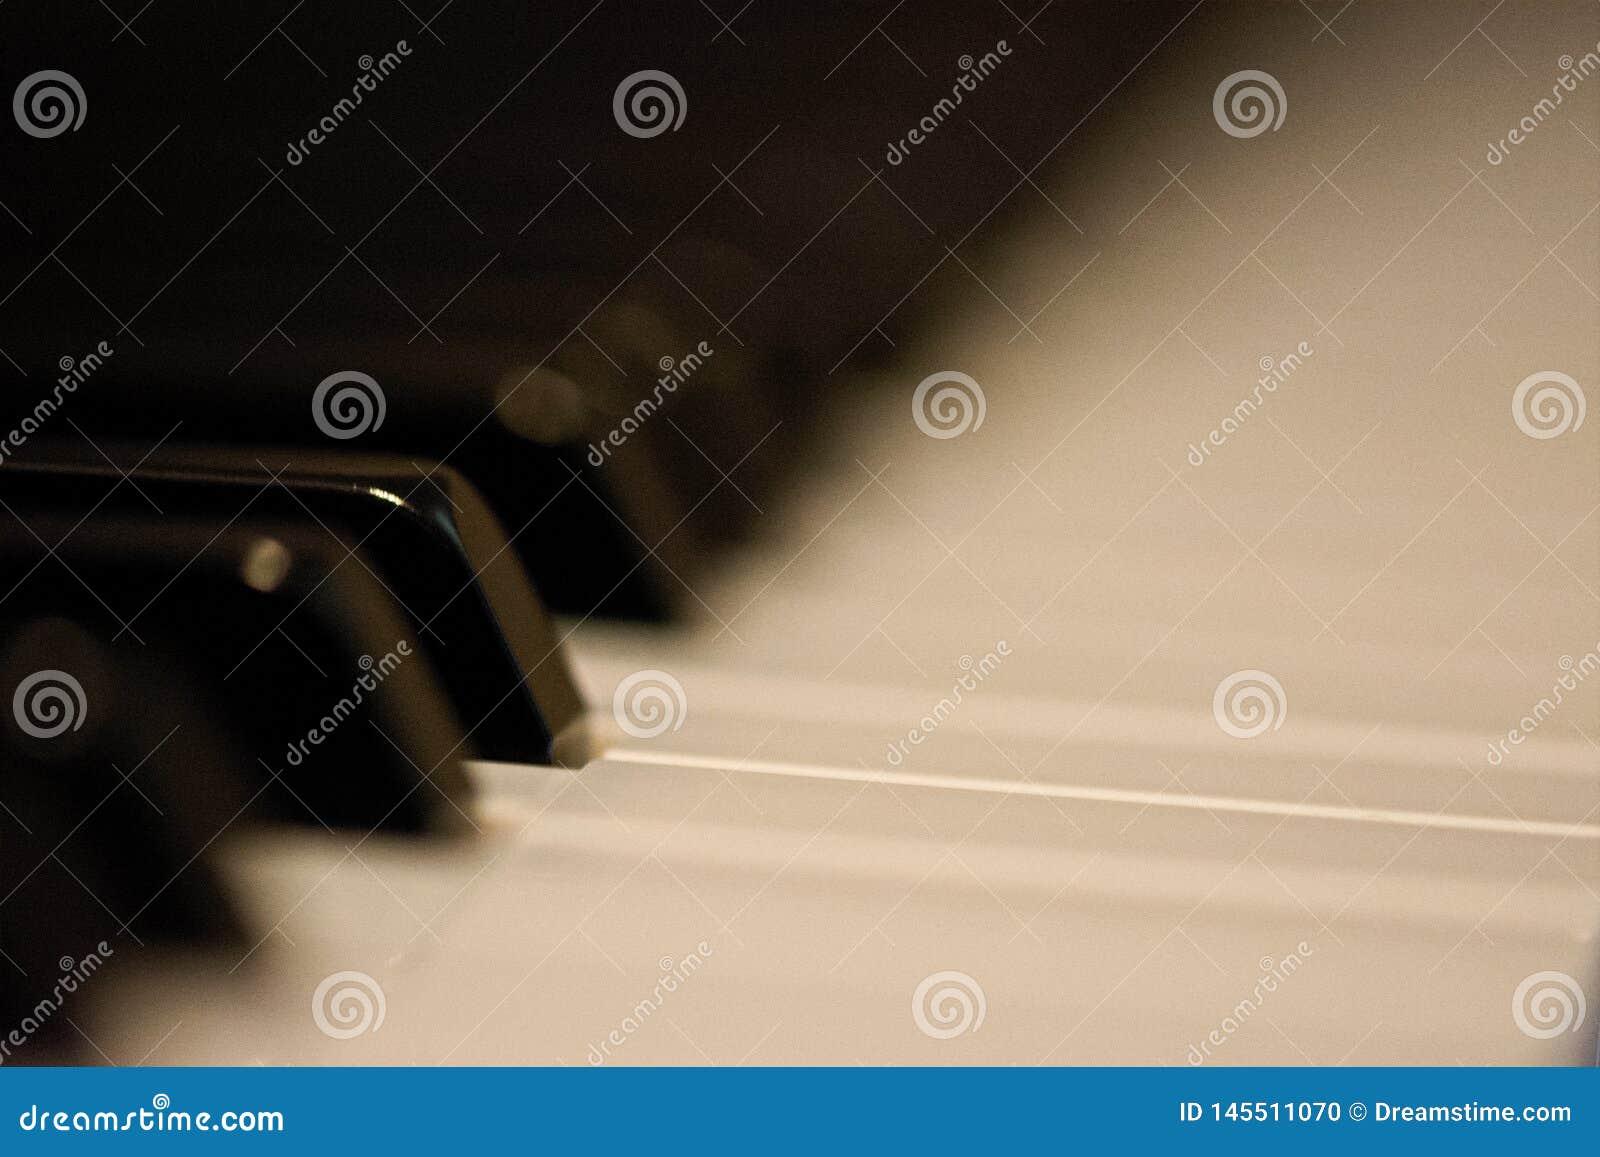 Το πιάνο κουμπώνει δίπλα-δίπλα